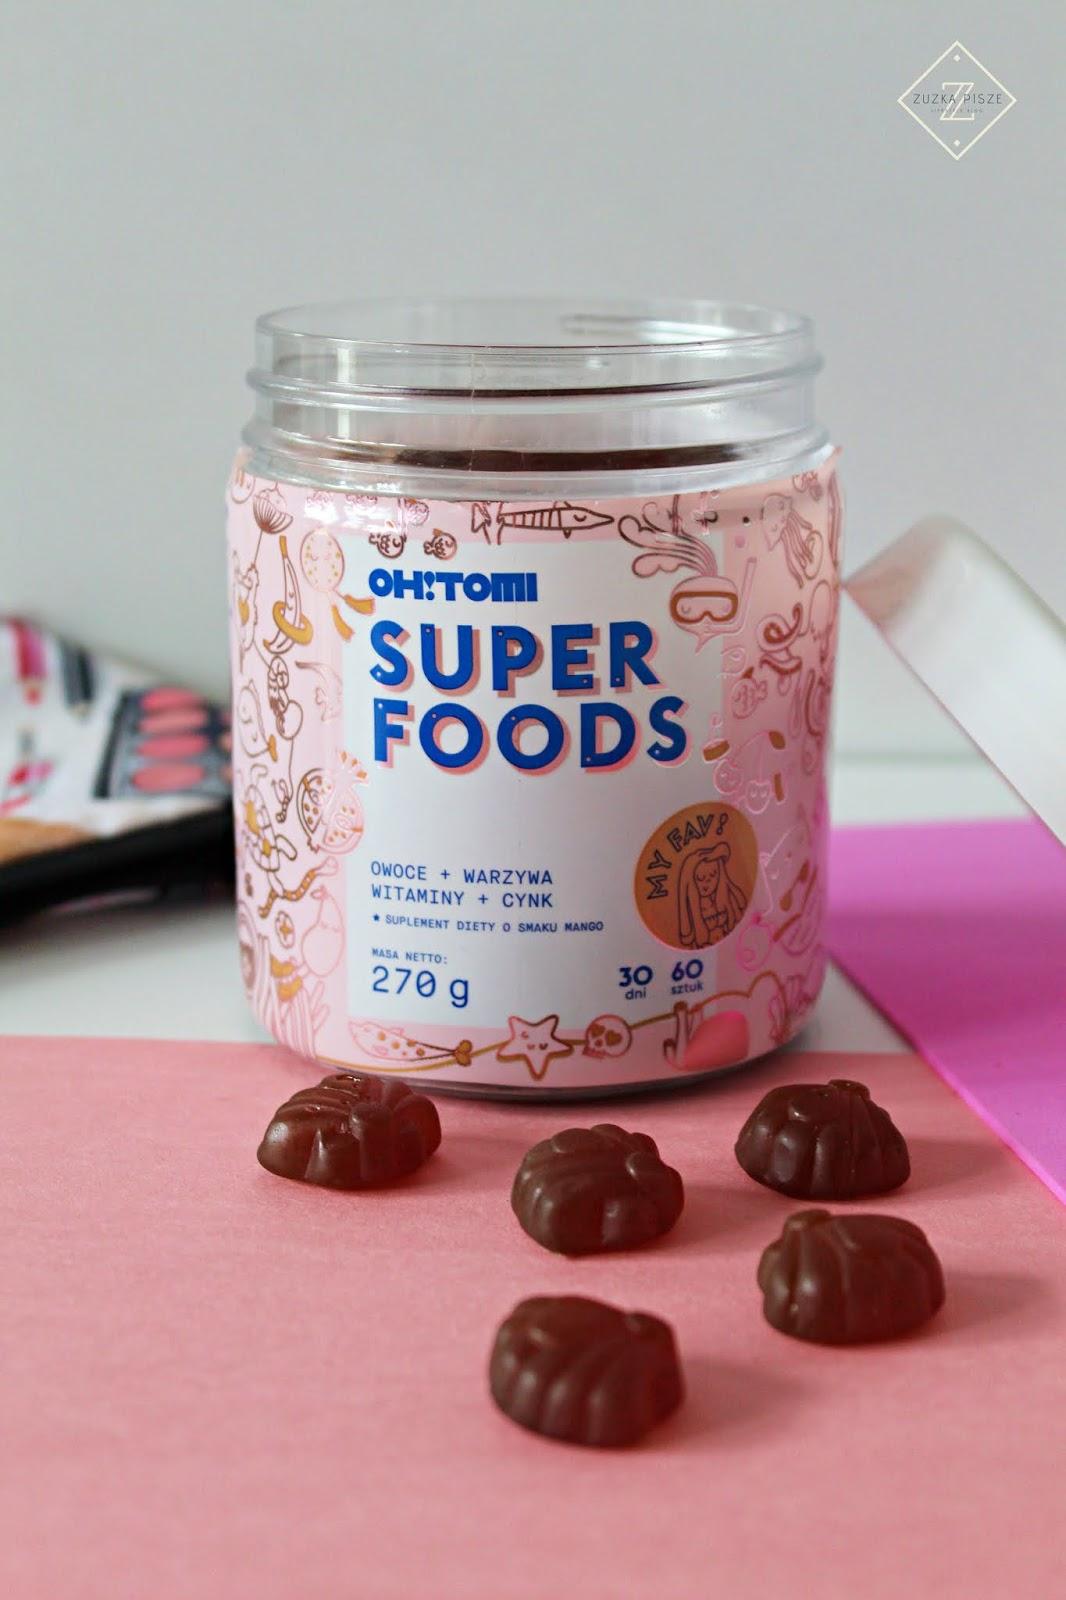 Witaminy w żelkach – Codzienna porcja składników odżywczych dla zdrowia i urody - OH!TOMI SuperFoods